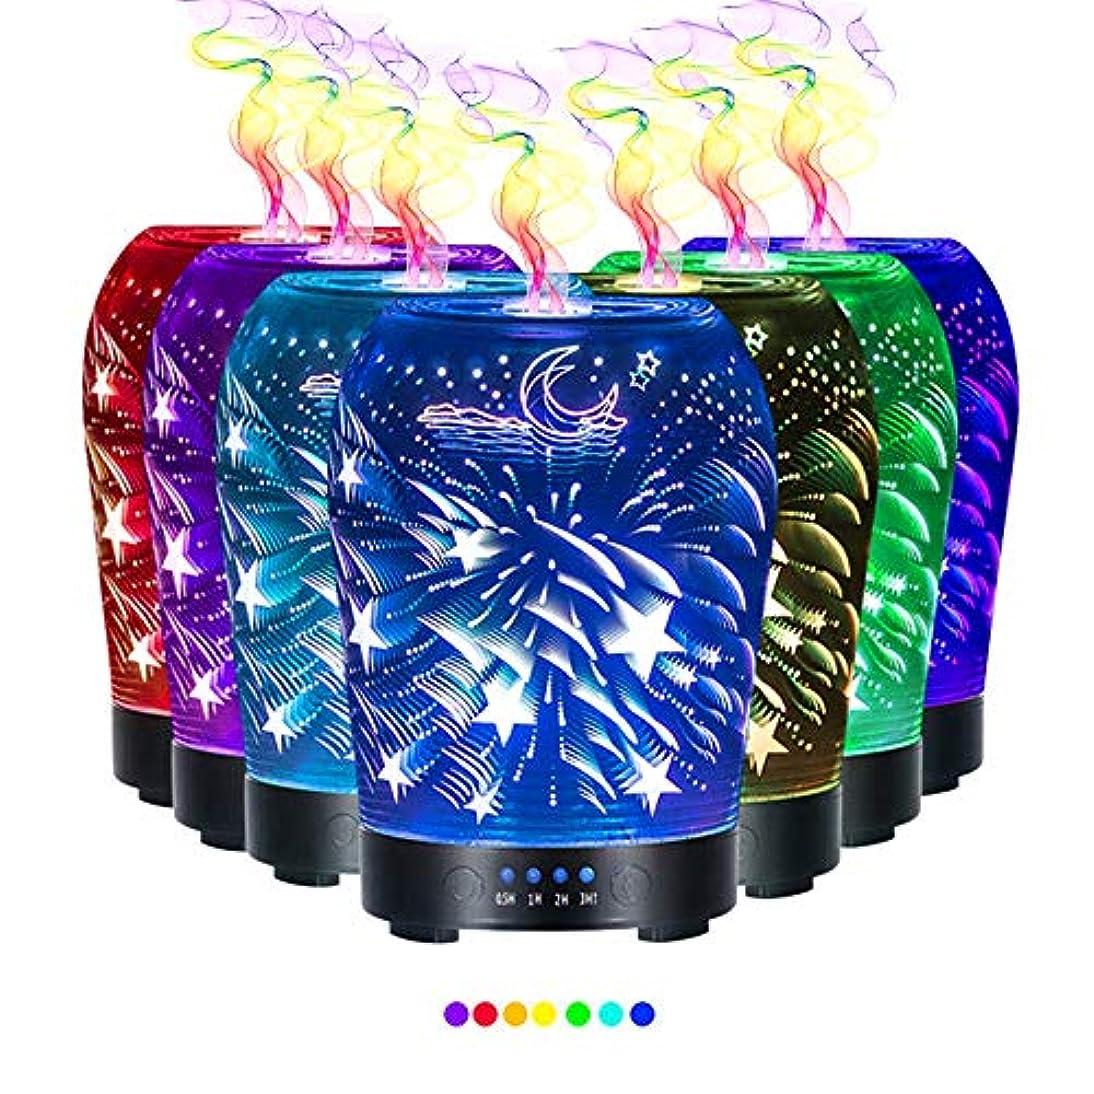 報復する堀エレベーターディフューザーエッセンシャルオイル (100ml)-クリエイティブガラス流星シャワーアロマ加湿器7色変更 LED ライト & 4 タイマー設定、水なしオートシャットオフ